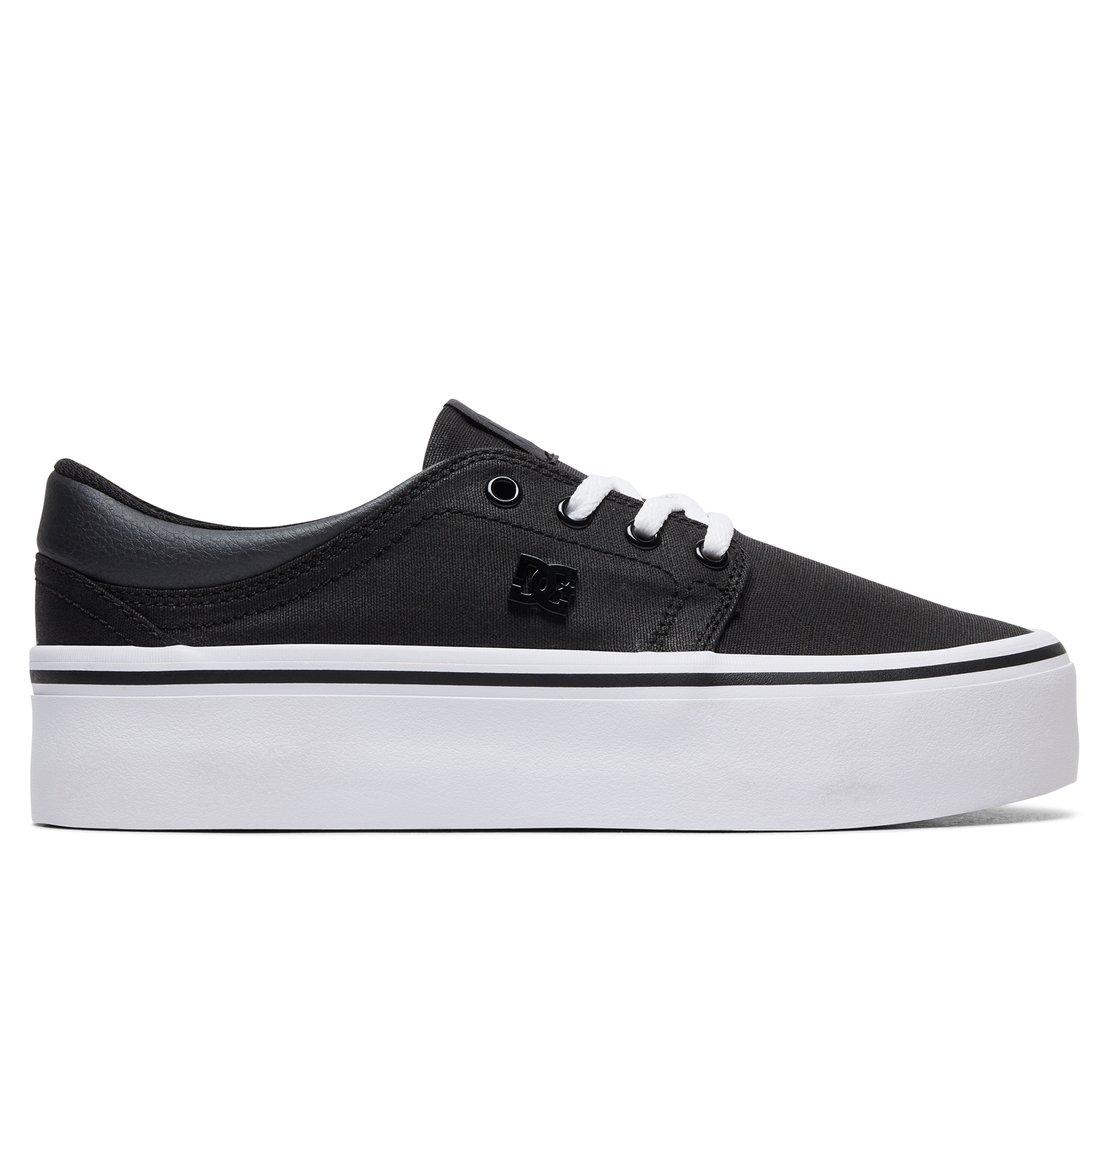 879e4ecafa 0 Women's Trase Platform TX SE - Shoes Black ADJS300196 DC Shoes